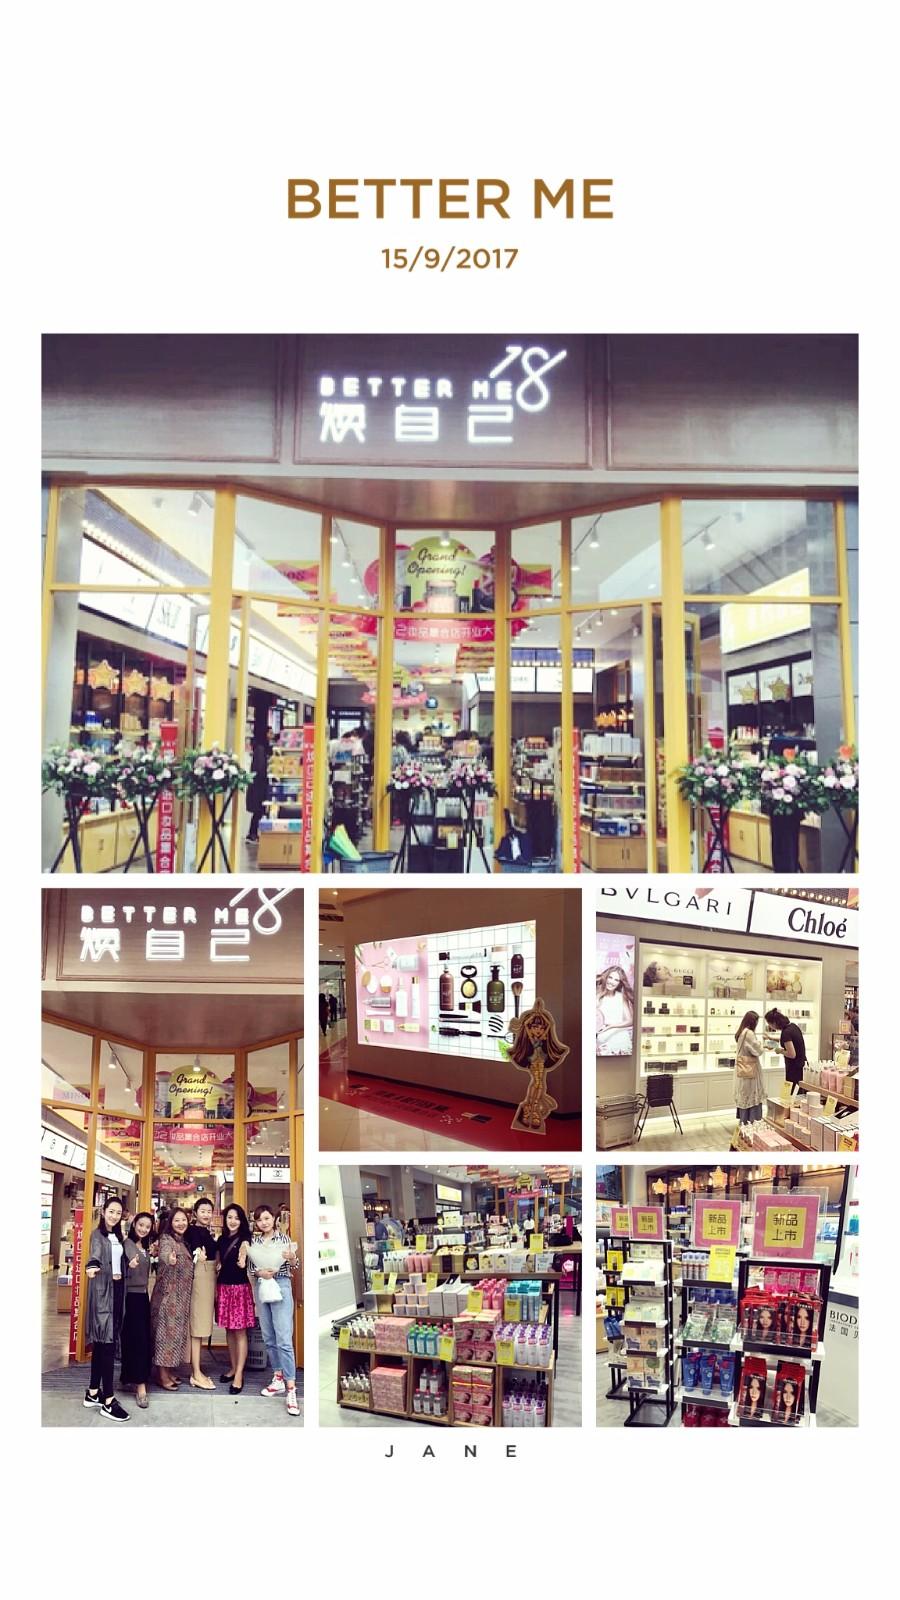 【宝鸡天下汇店】盛大开业!!|新闻中心-百利商业有限公司